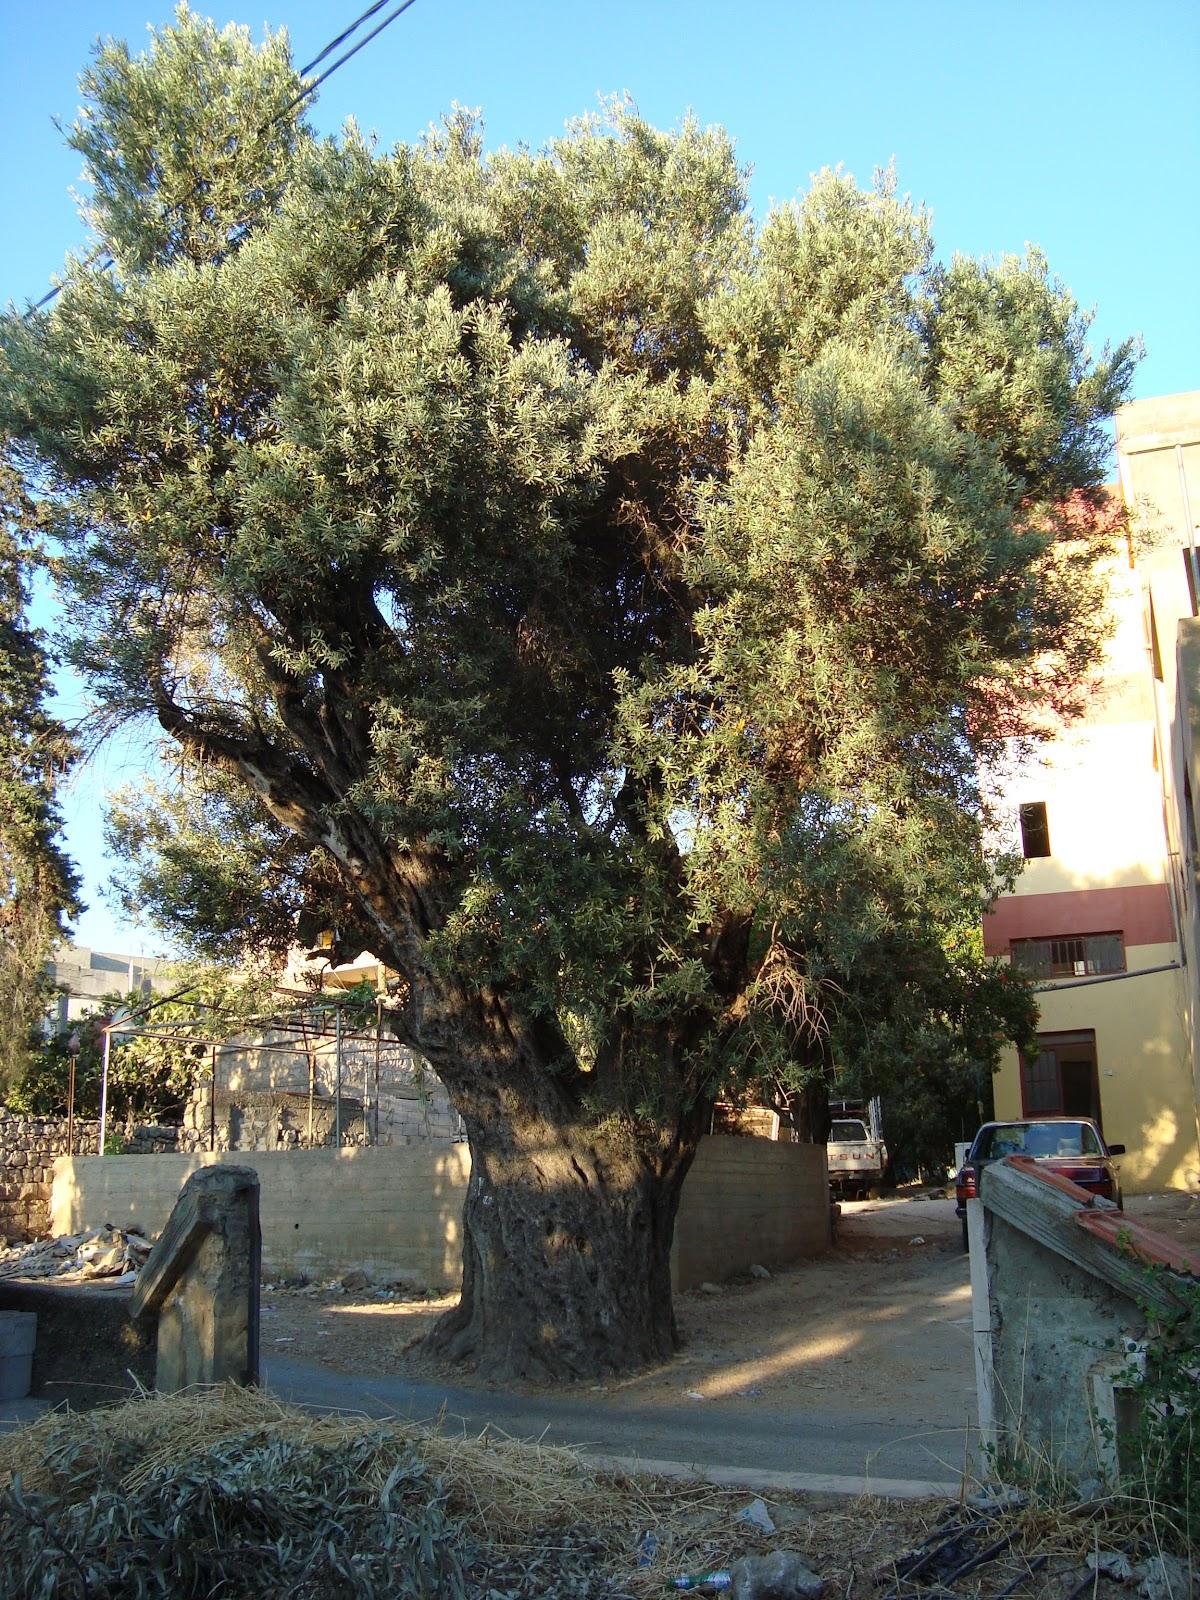 Environnement liban m diterran e afrique la route de l 39 oliver au liban - Psylle de l olivier ...